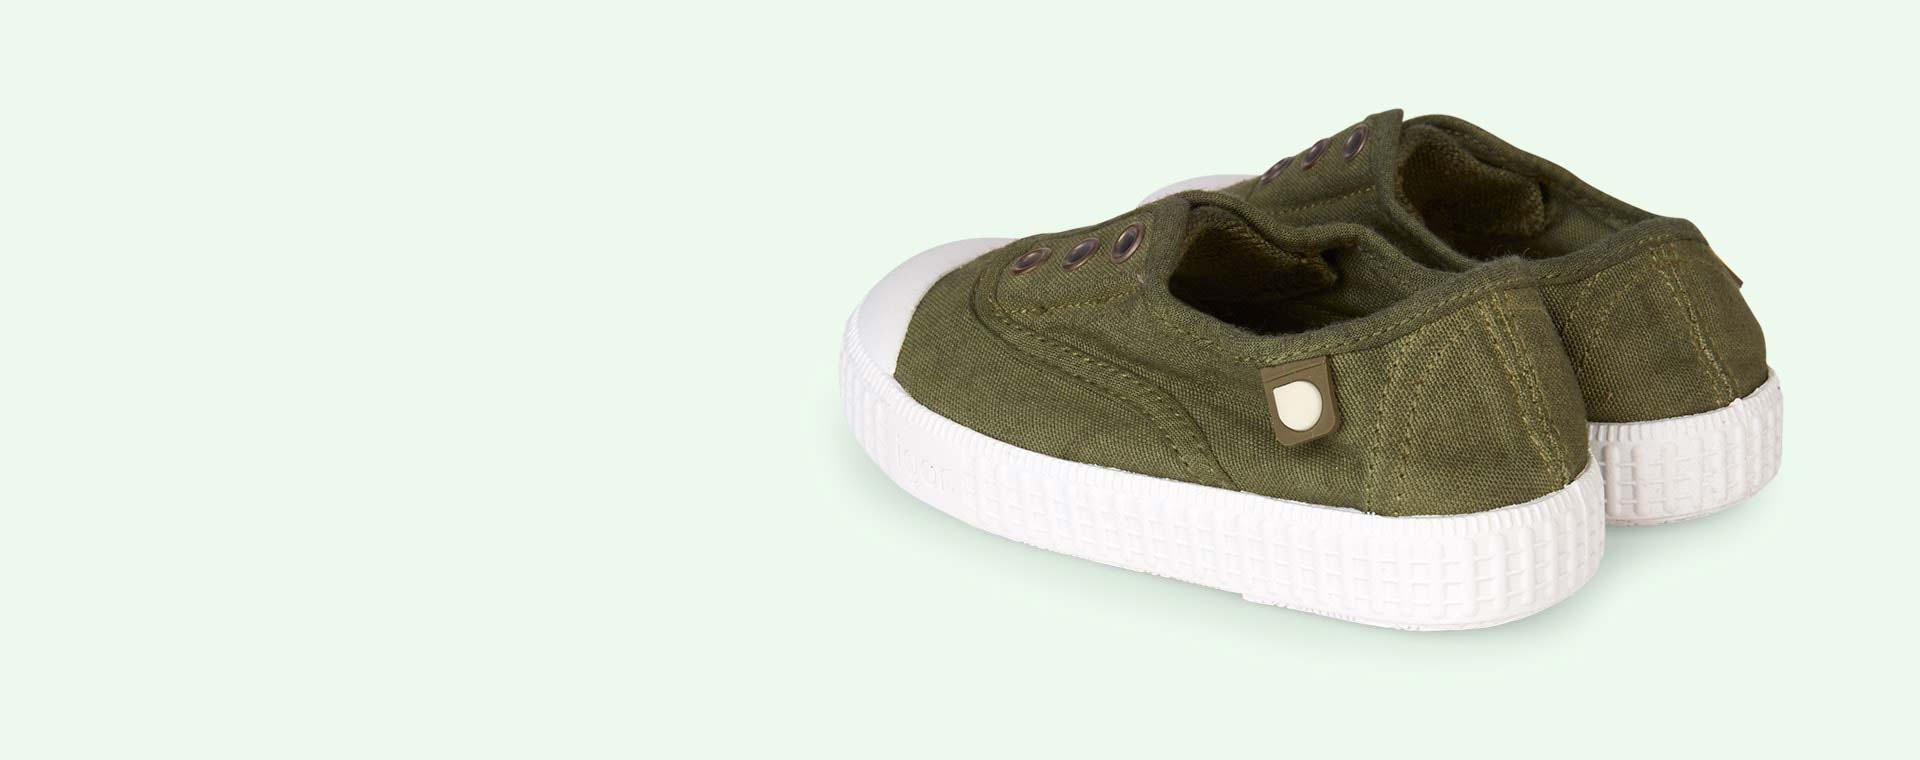 Khaki igor Berri Tennis Shoe